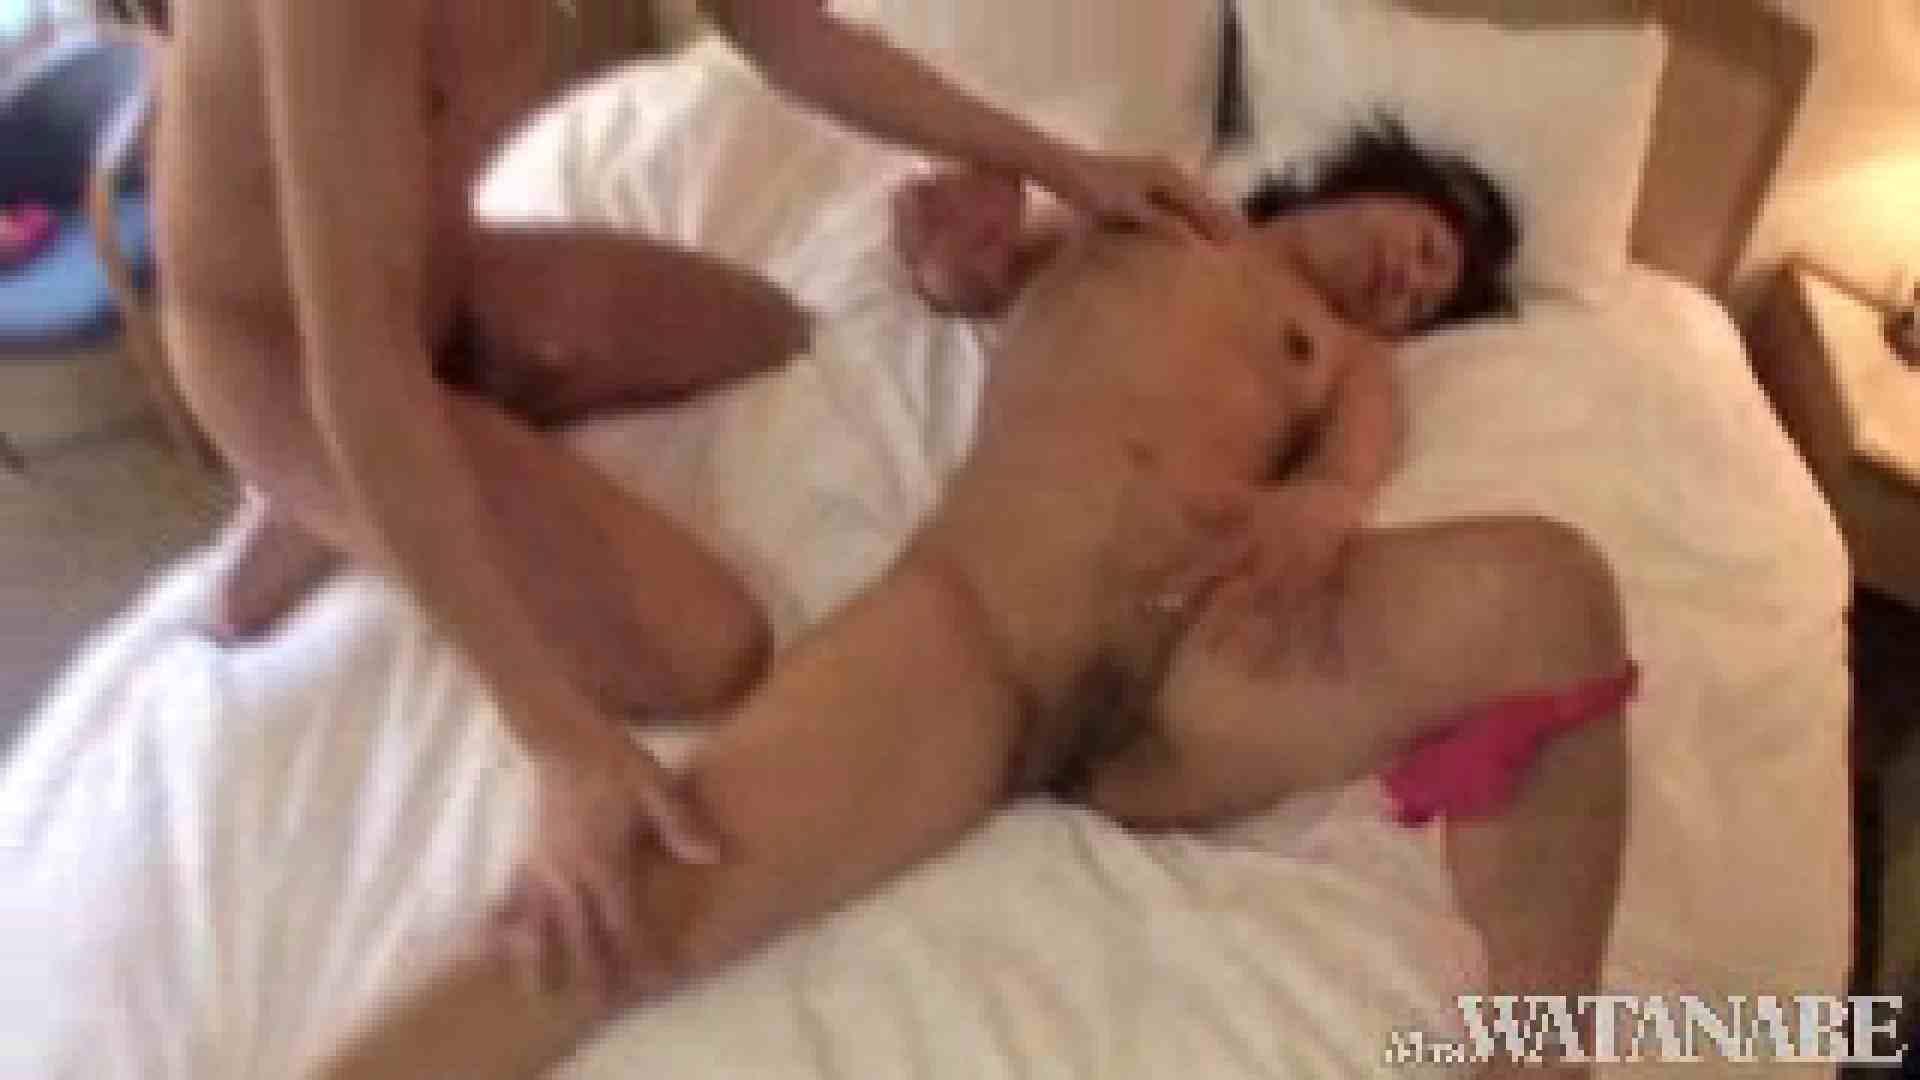 撮影スタッフを誘惑する痴熟女 かおり40歳 Vol.02 OLのエッチ  63pic 55